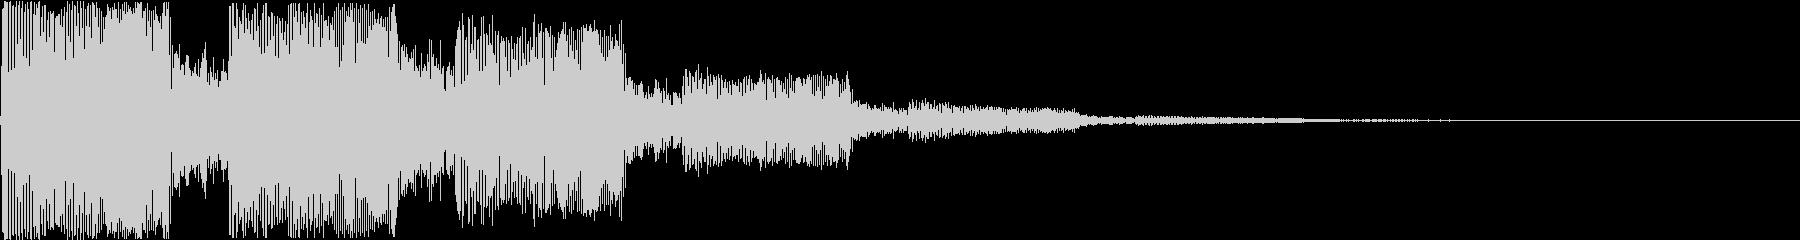 キュイーン:レトロなワープ音・瞬間移動cの未再生の波形